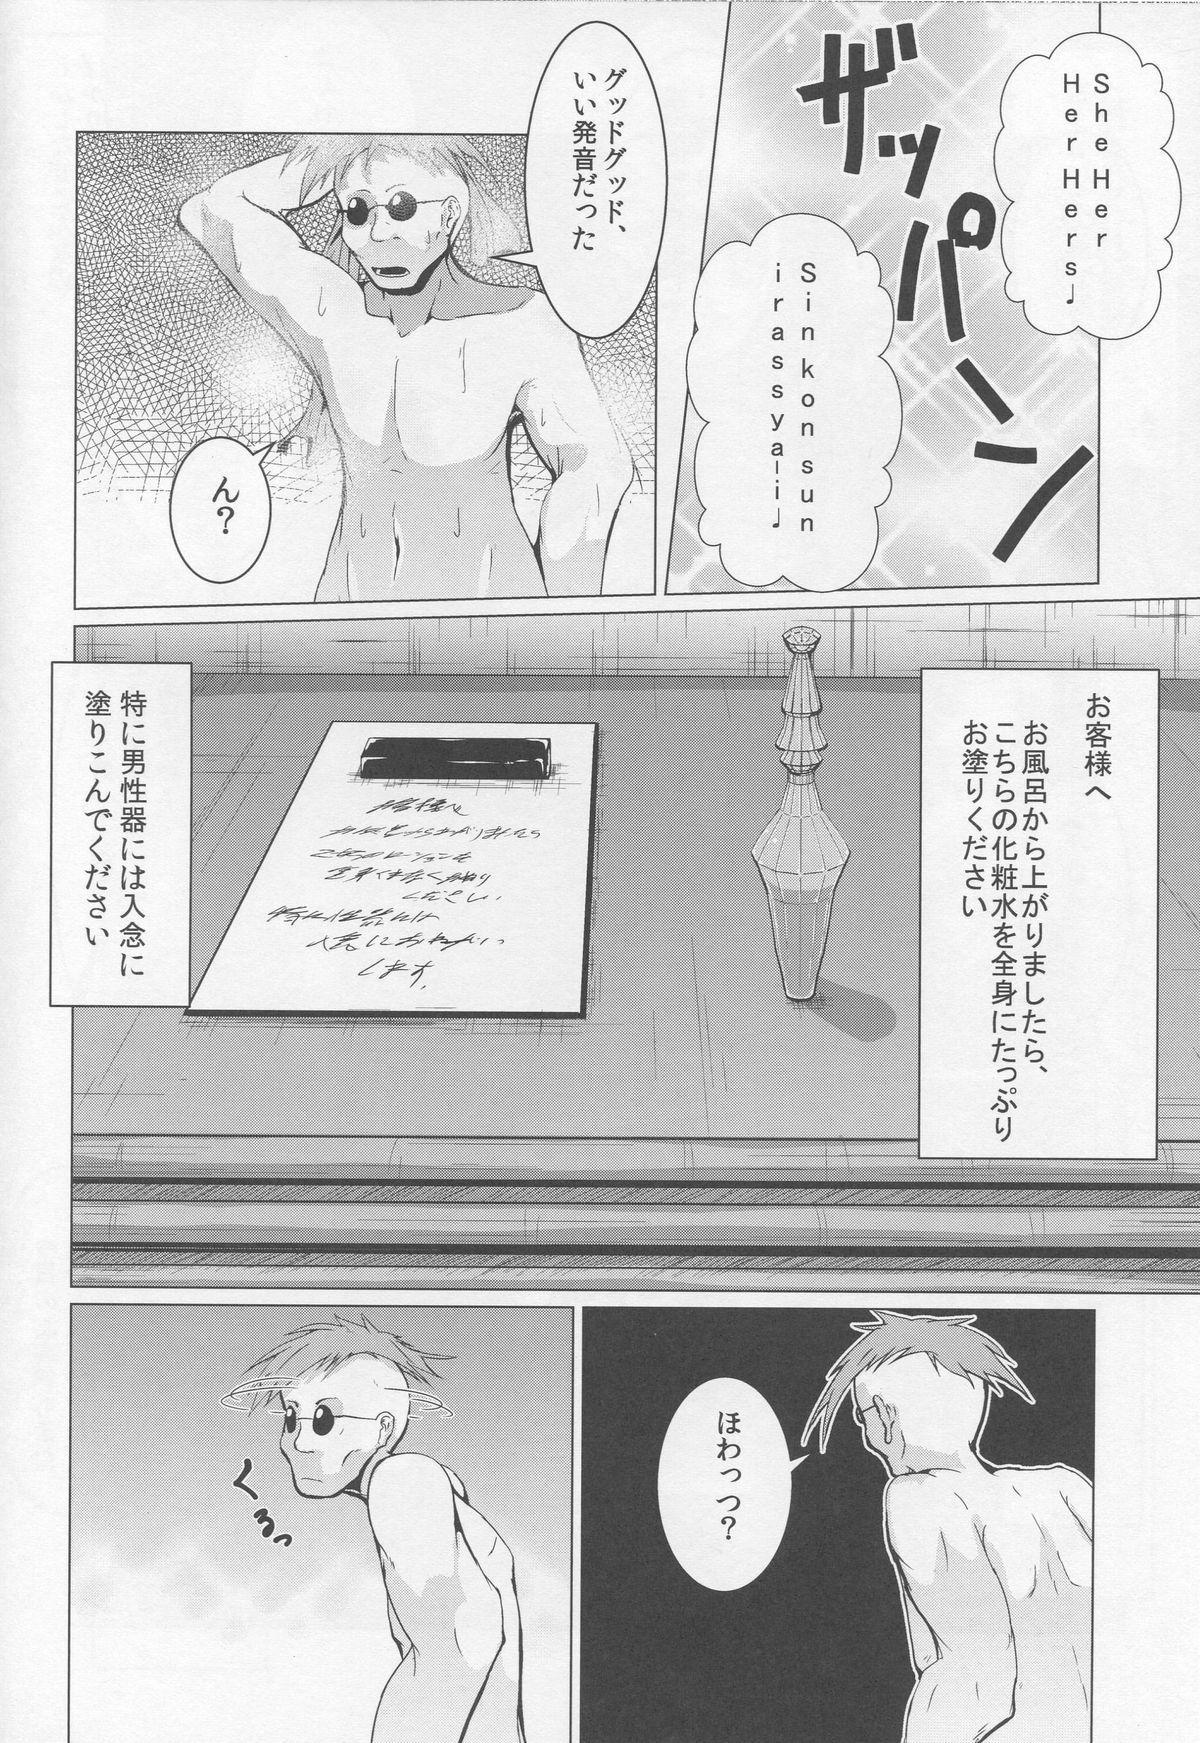 Chuumon no Ooi Sakuya-san no Bishou 4